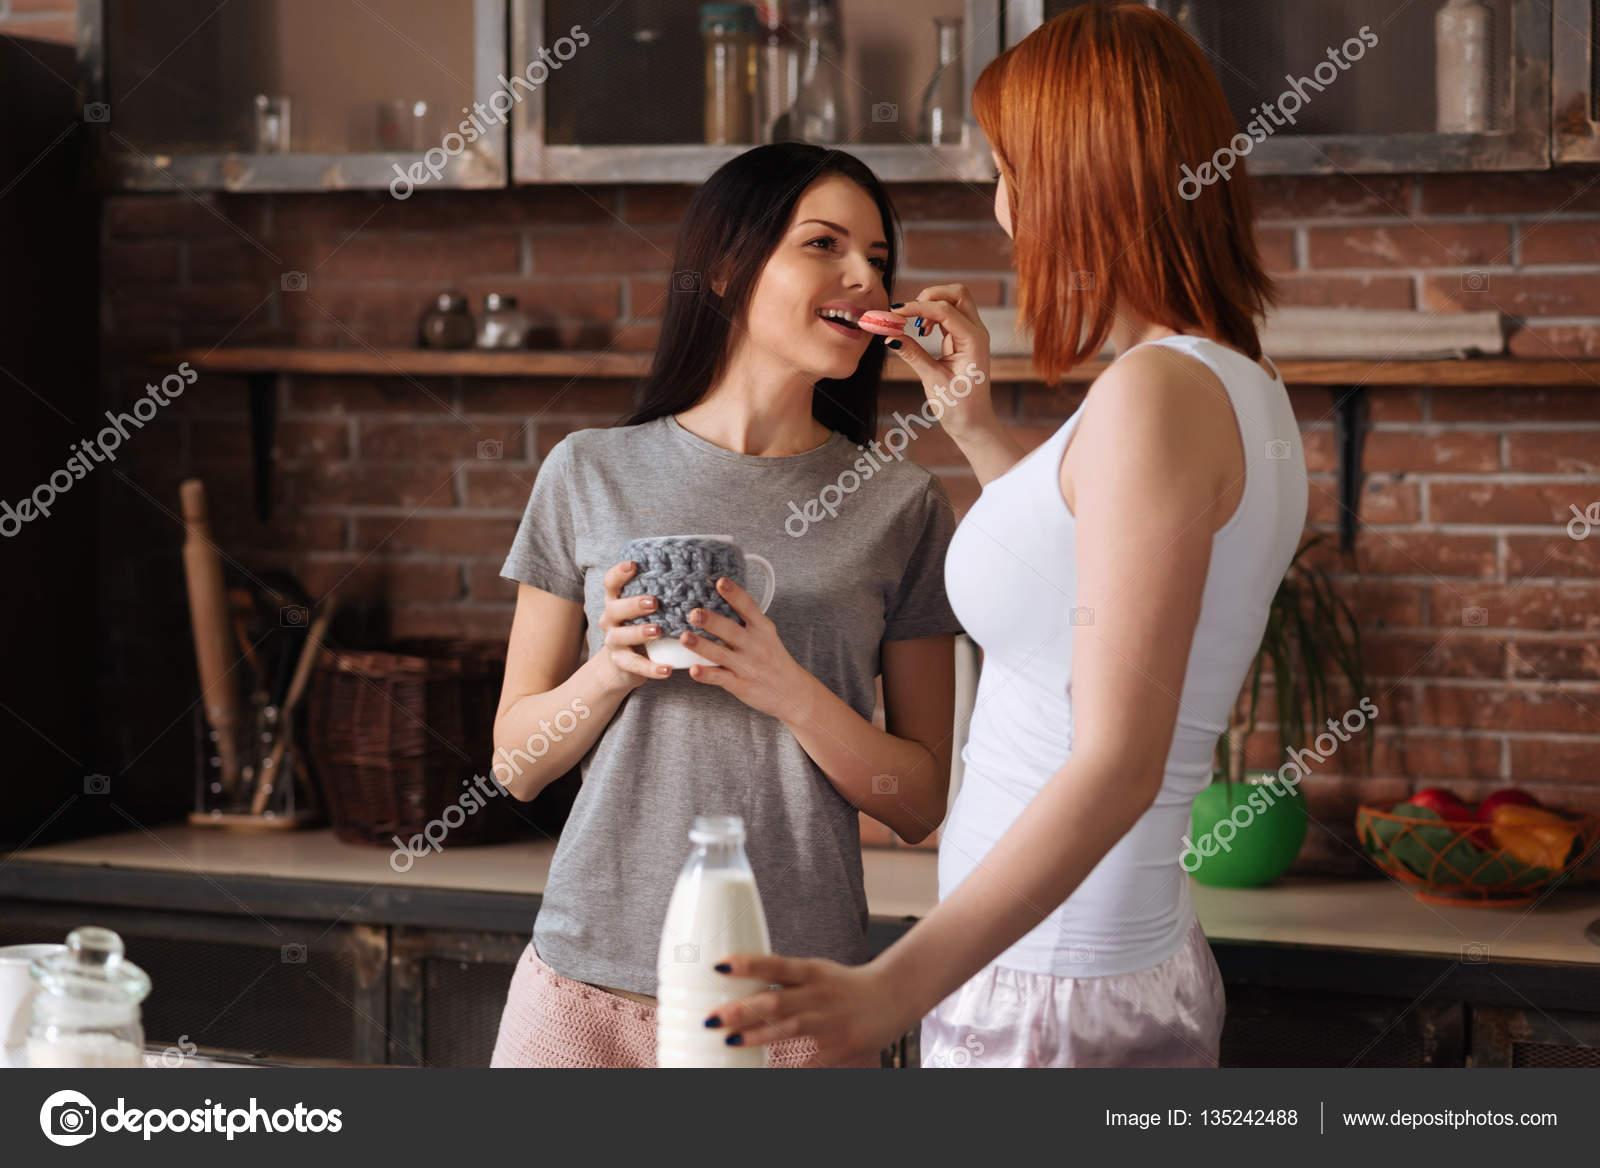 Amis essayer lesbienne sexe